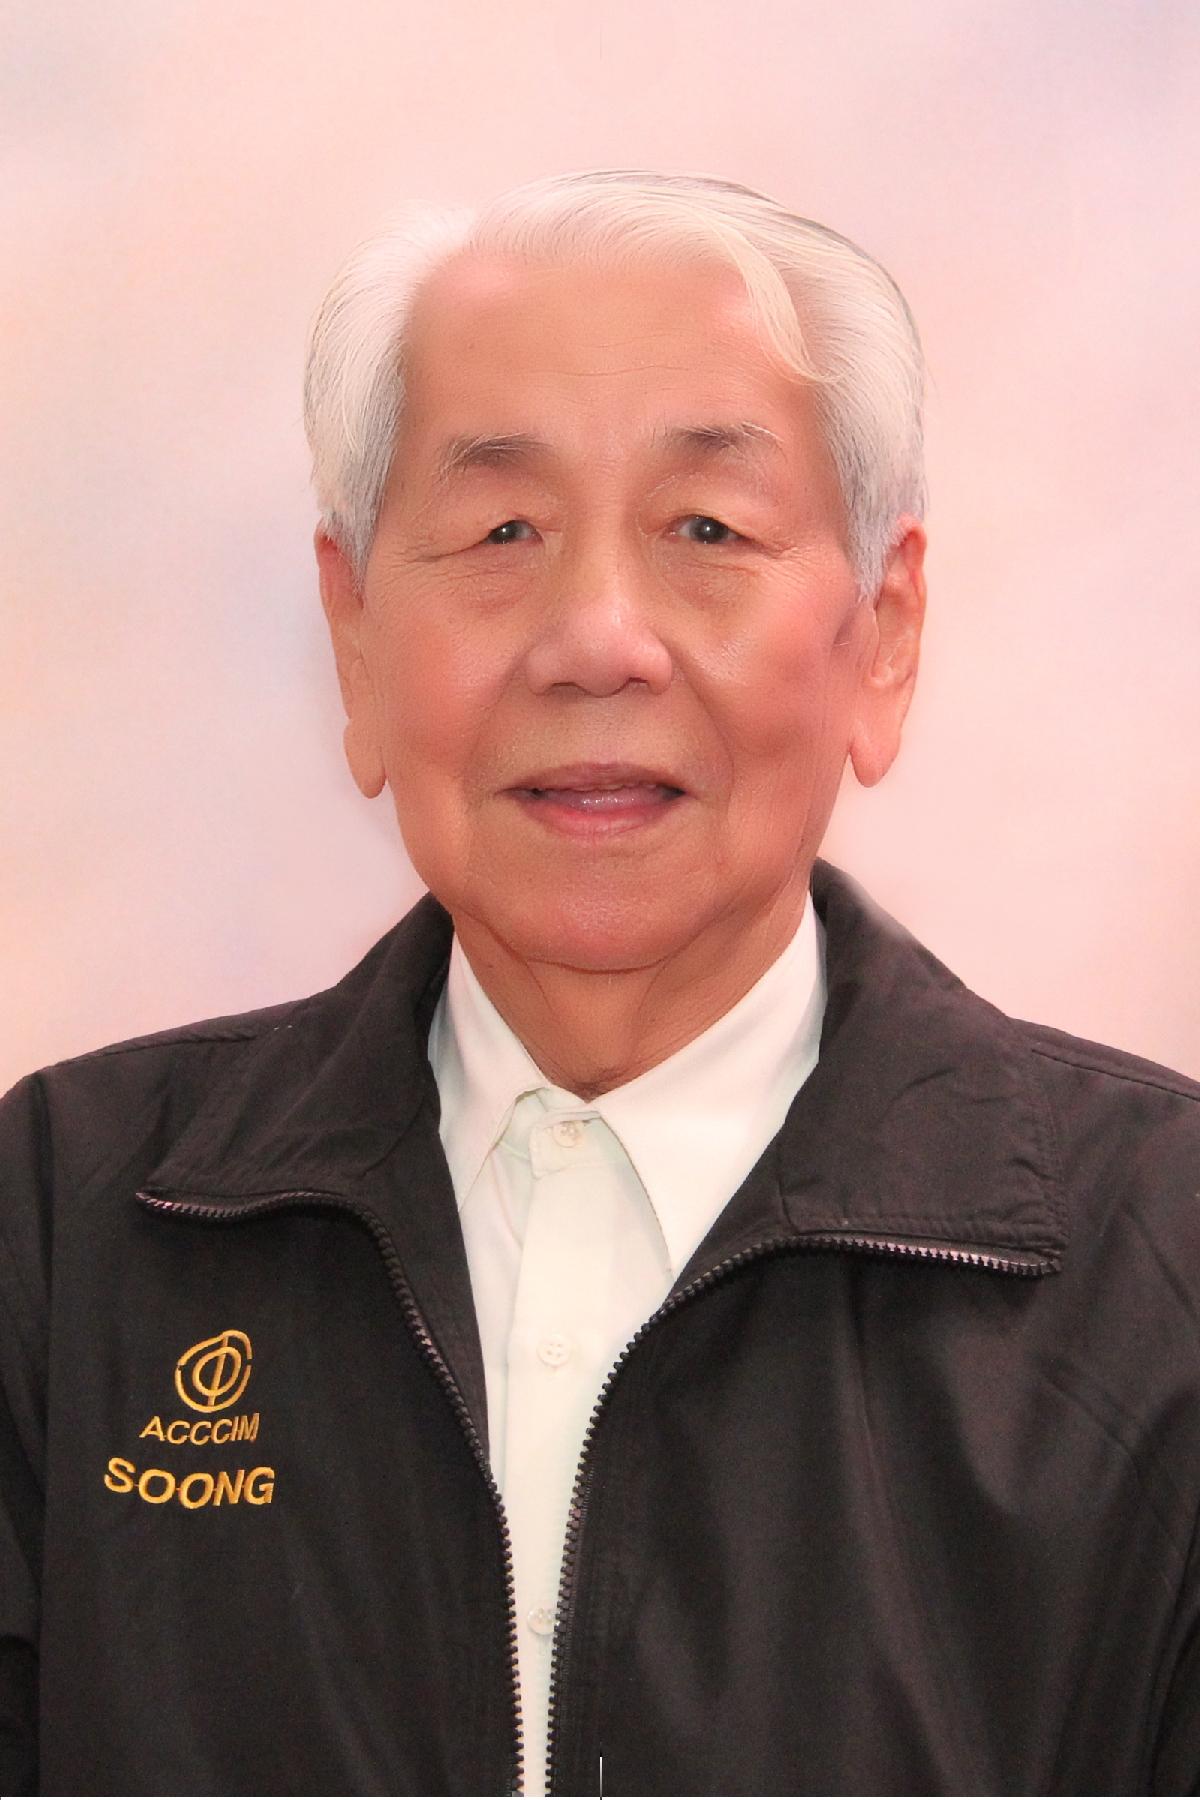 <h80>丹斯里拿督宋兆雄</h80><br>Tan Sri Dato' Soong Siew Hoong